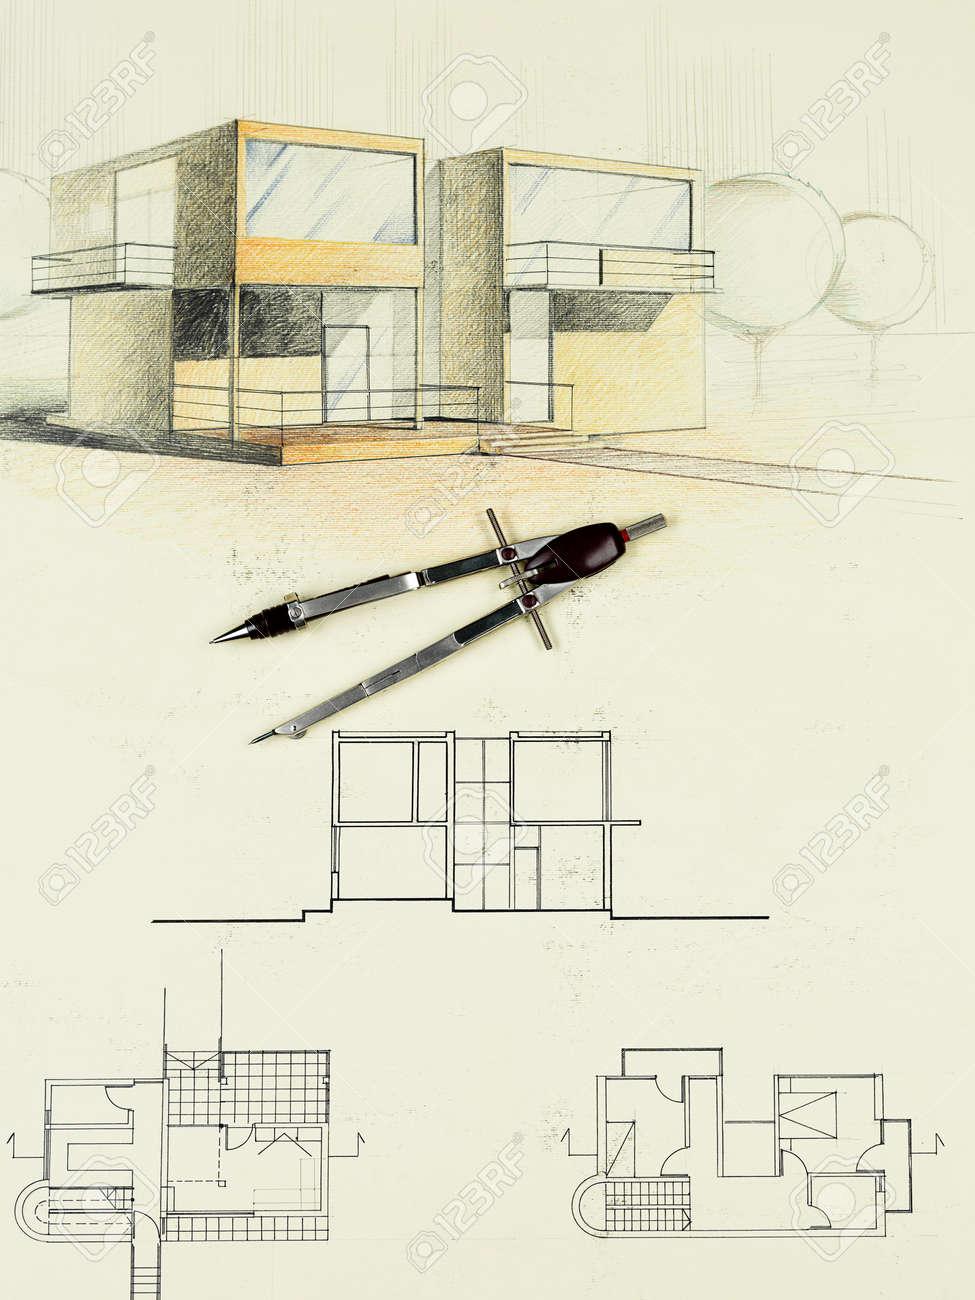 Couleur Plan Architectural De La Maison Moderne Dessiné à La Main Avec Compas